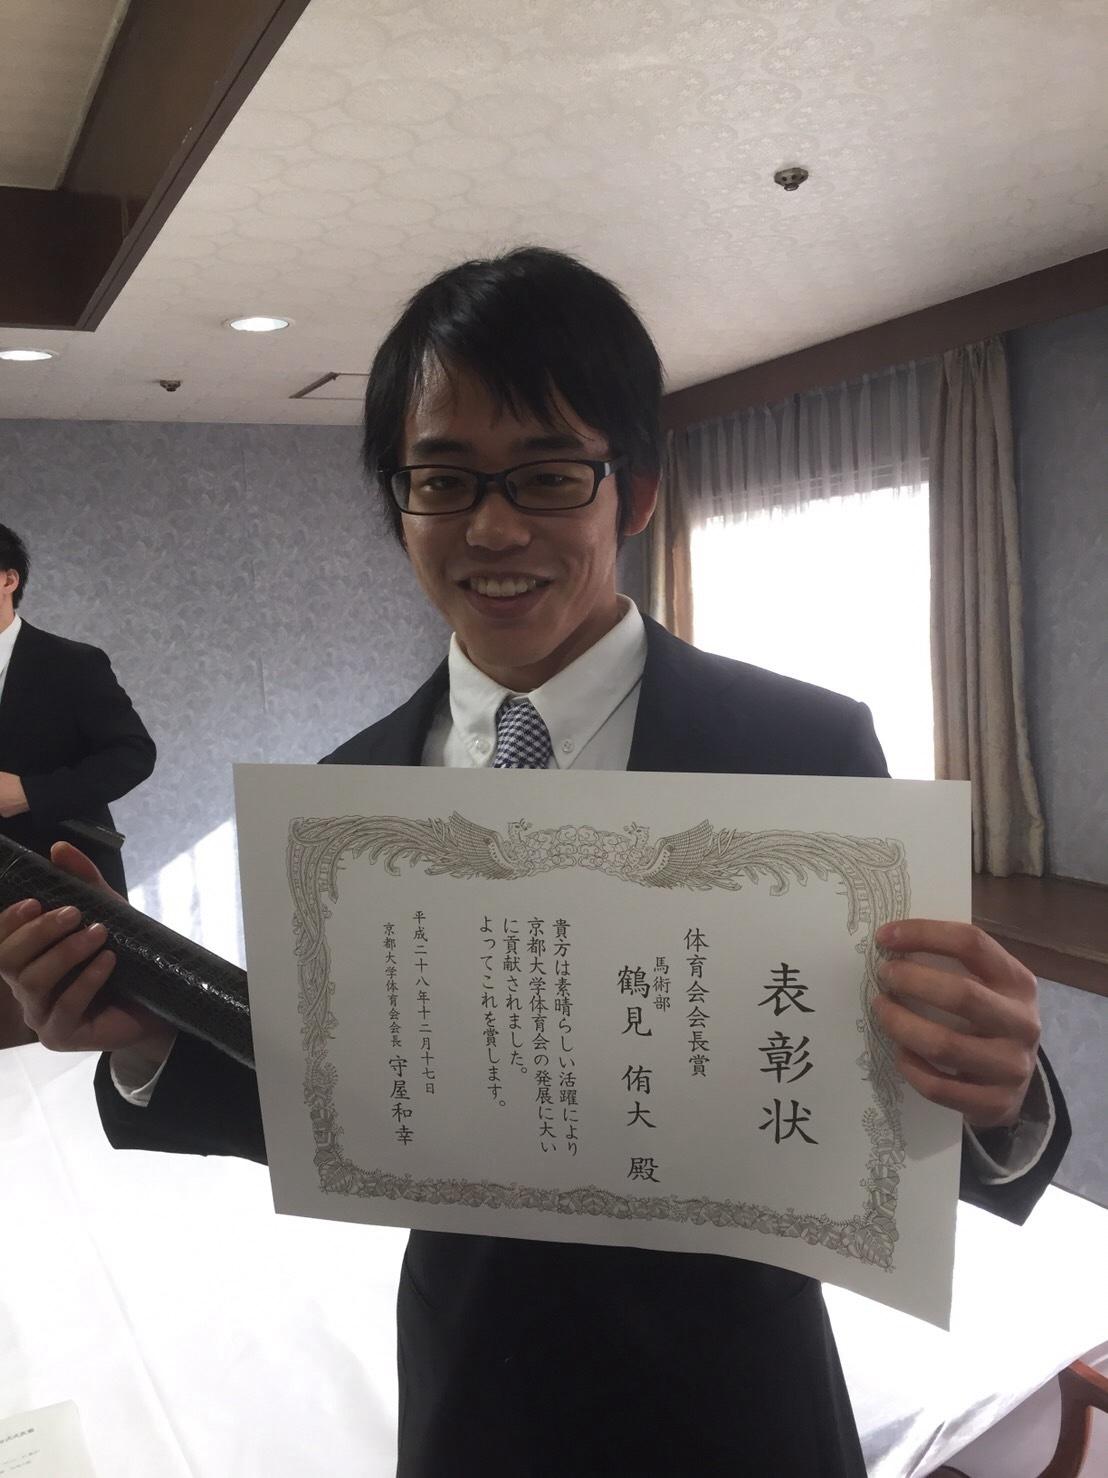 鶴見さん、体育会会長賞受賞_f0161323_22250616.jpeg